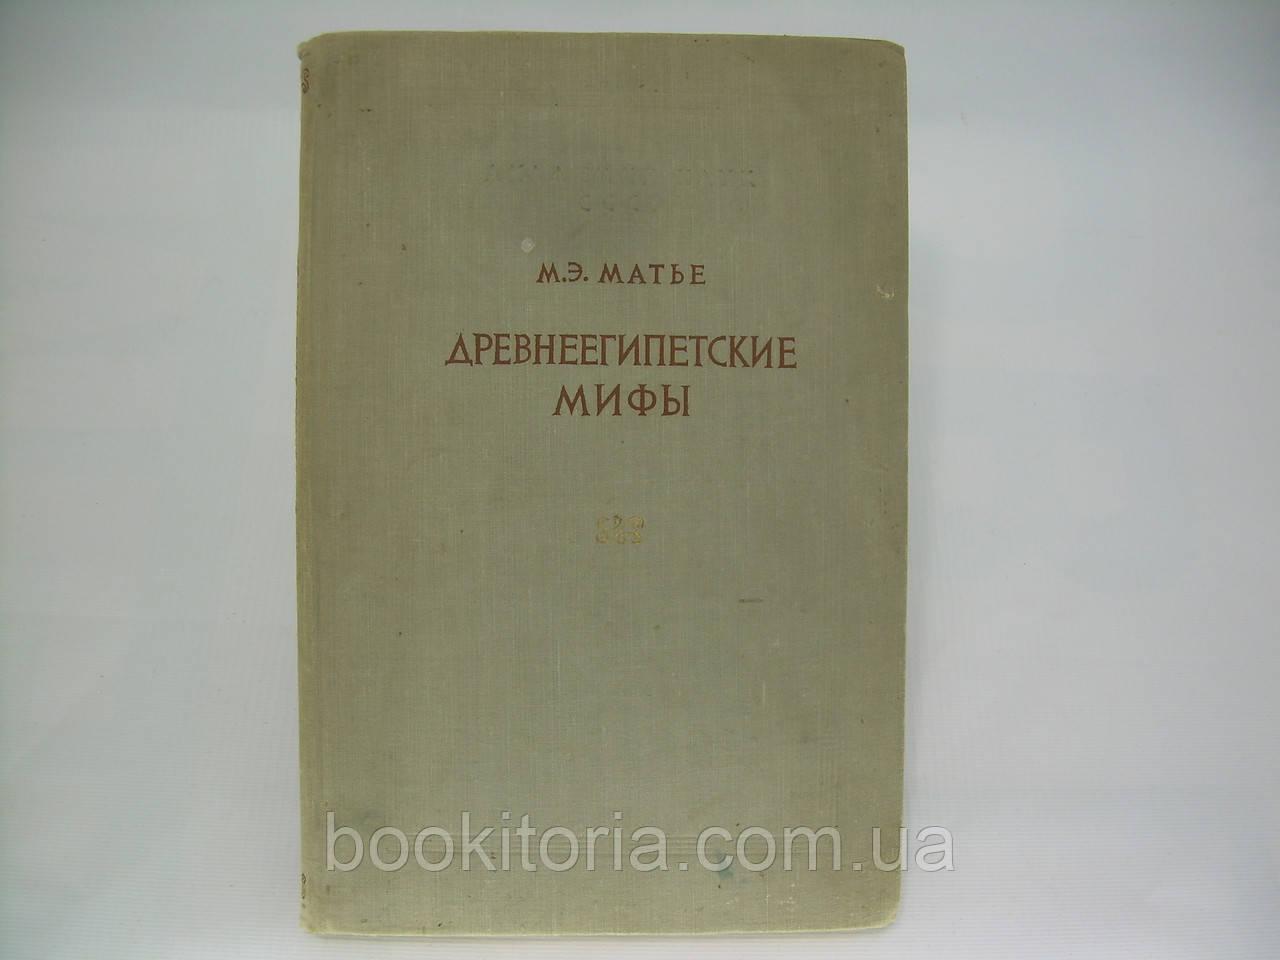 Матье М.Э. Древнеегипетские мифы (б/у).